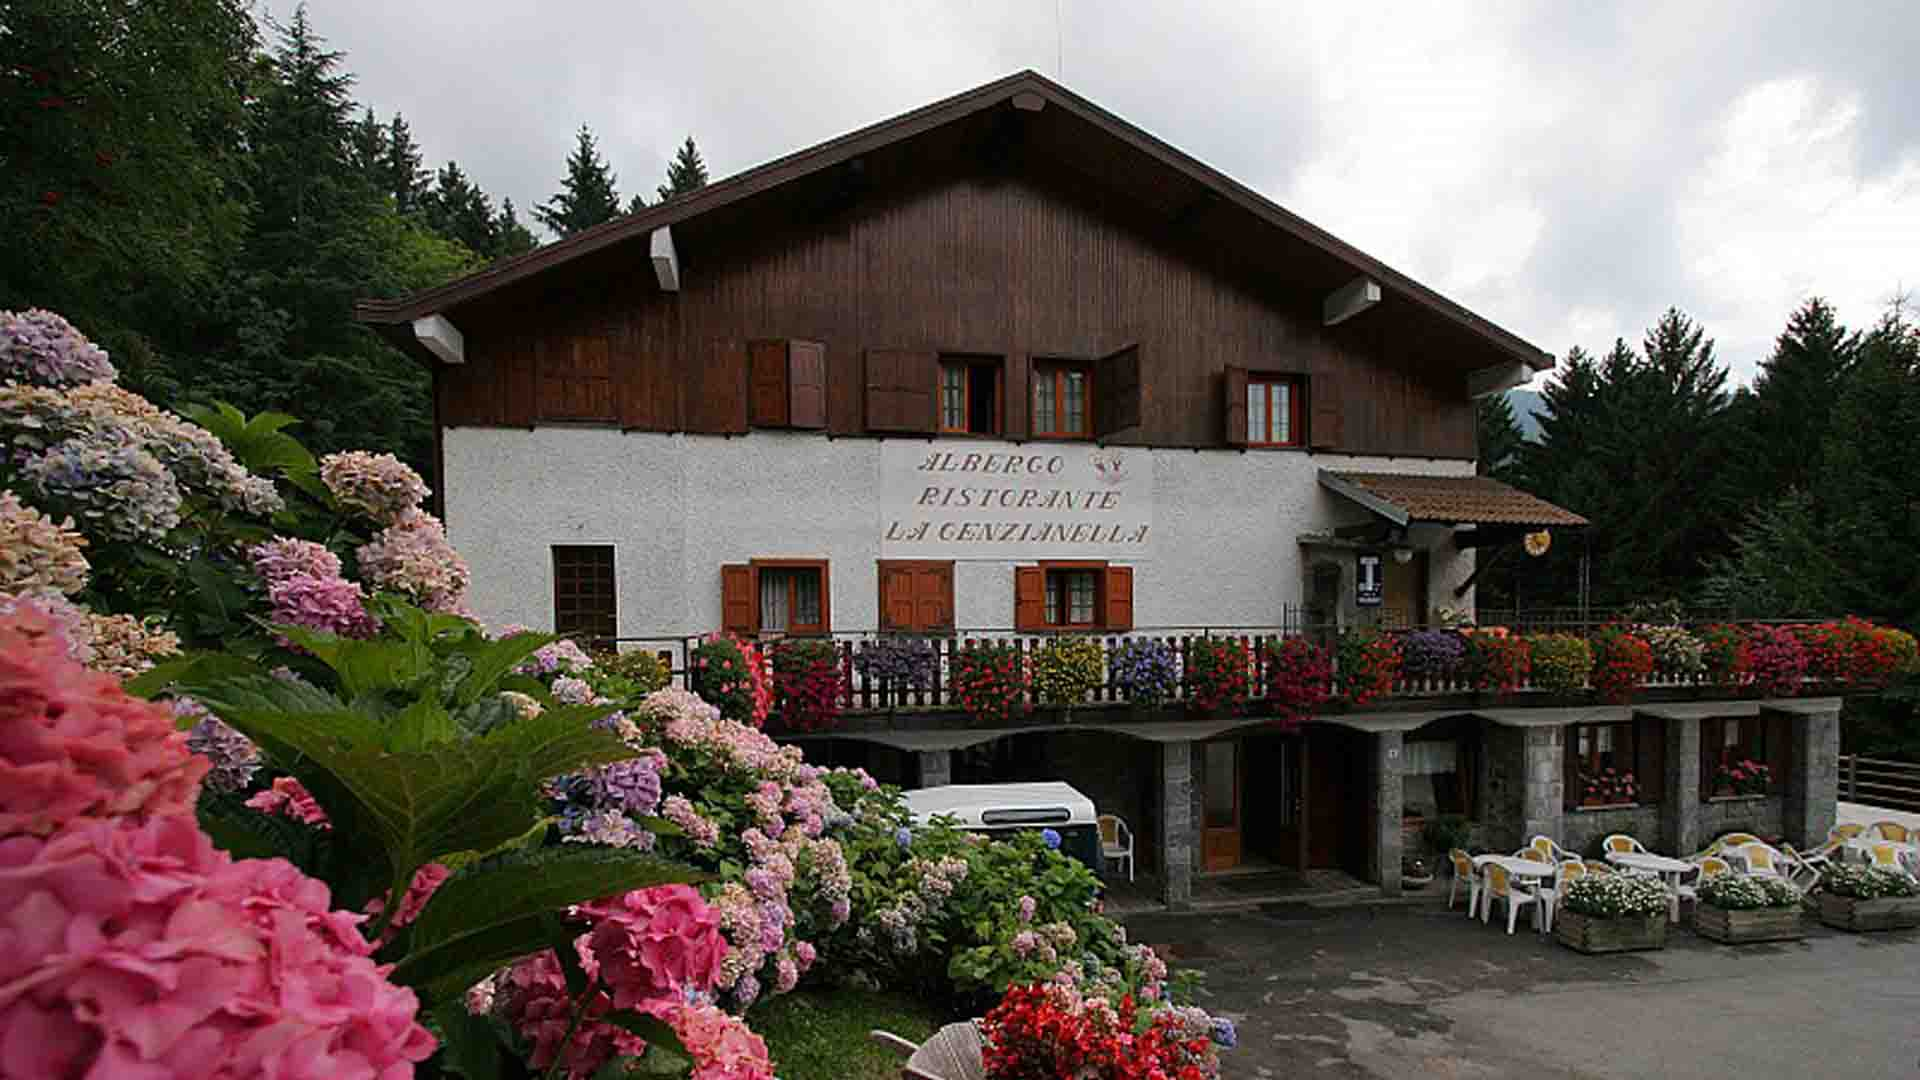 Albergo-ristorante-la-Genzianella